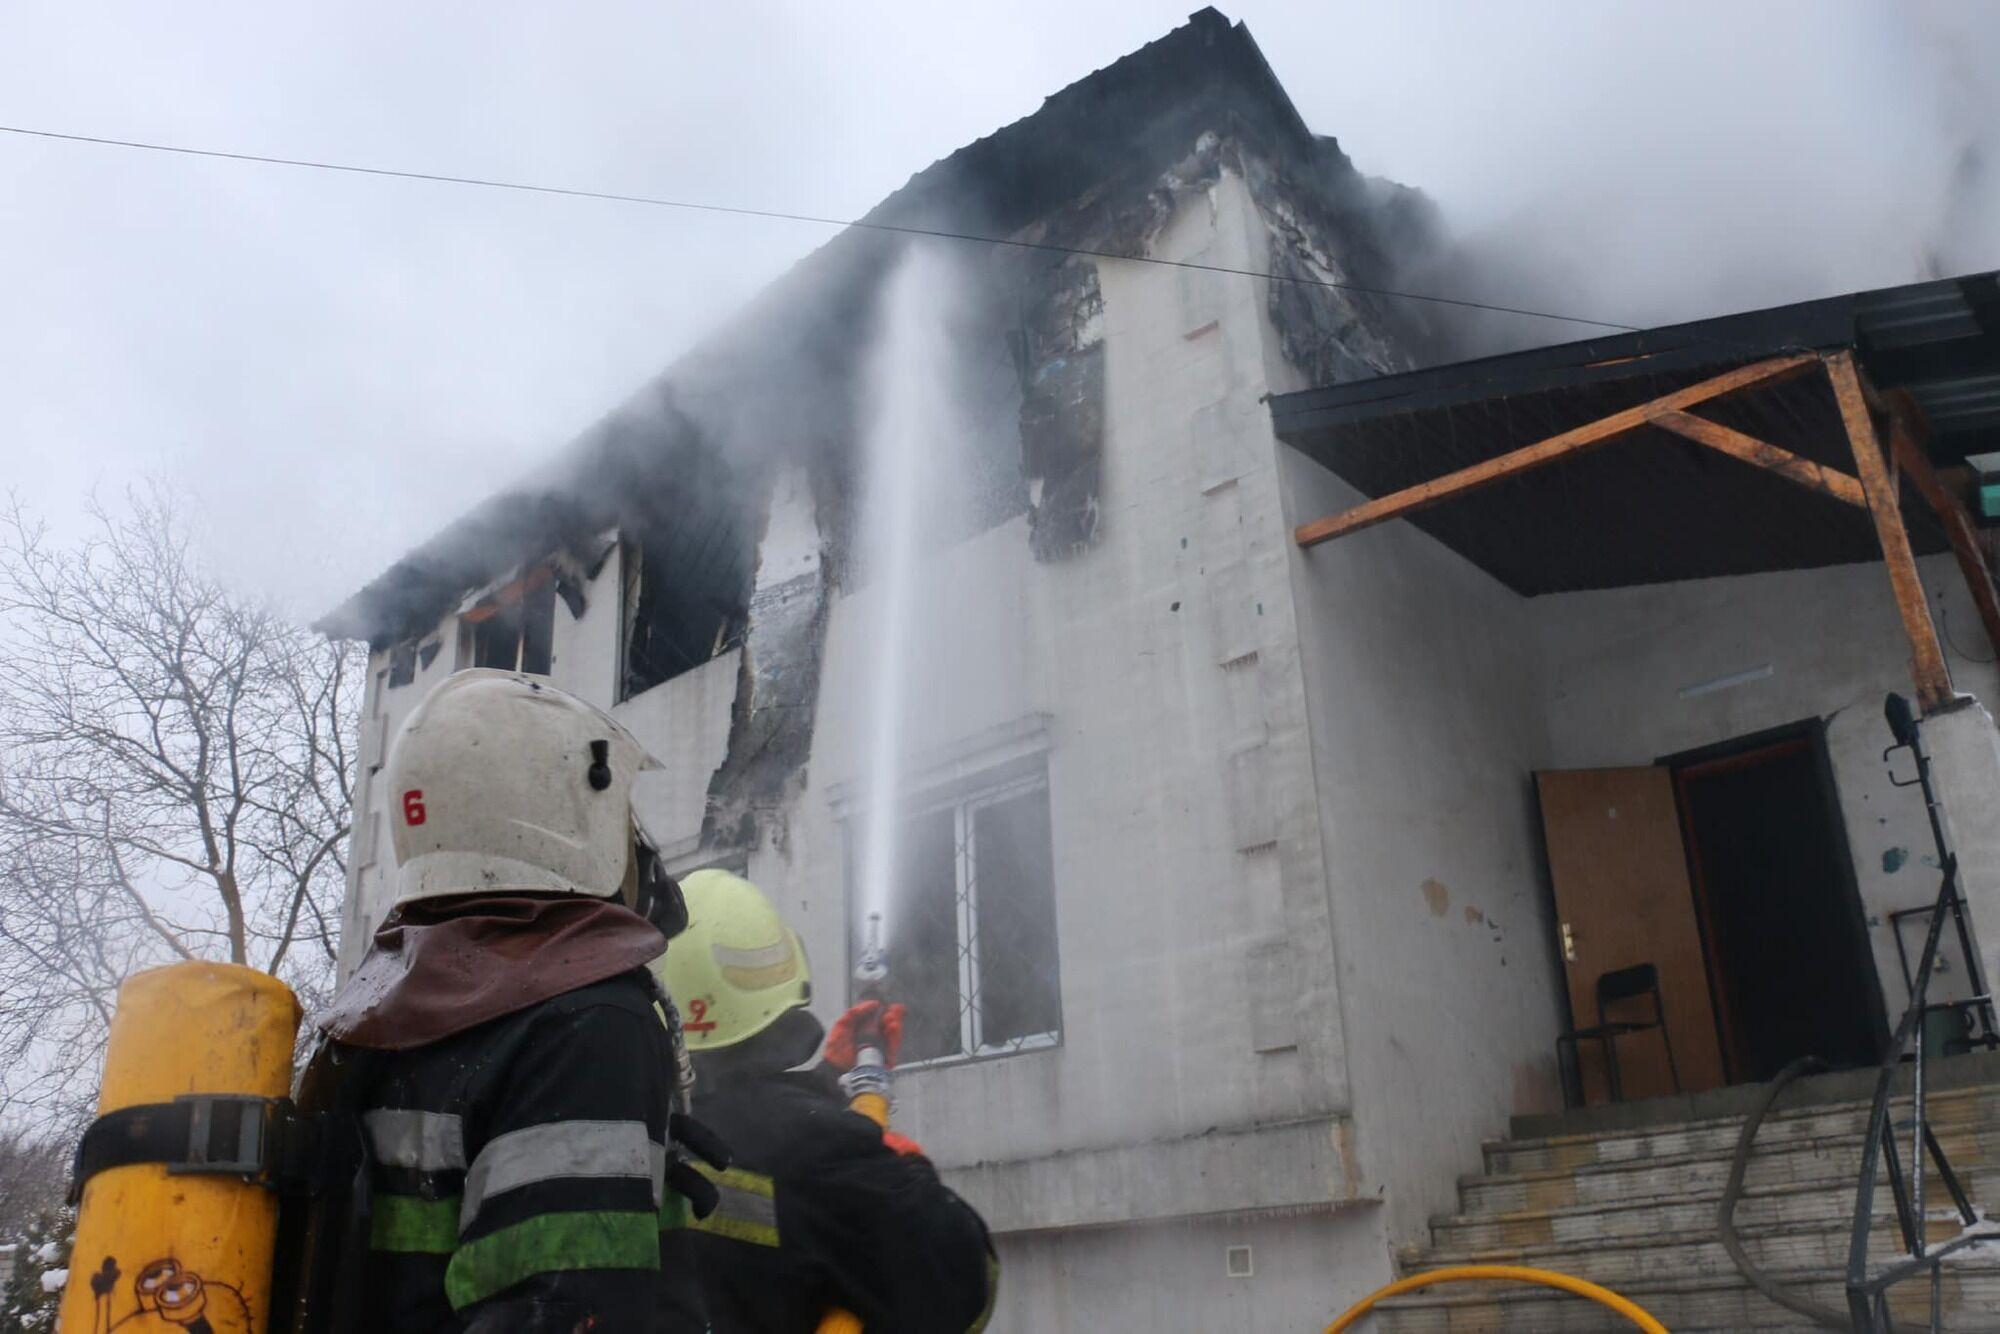 У Харкові згорів нелегальний будинок для літніх людей, загинуло 15 осіб